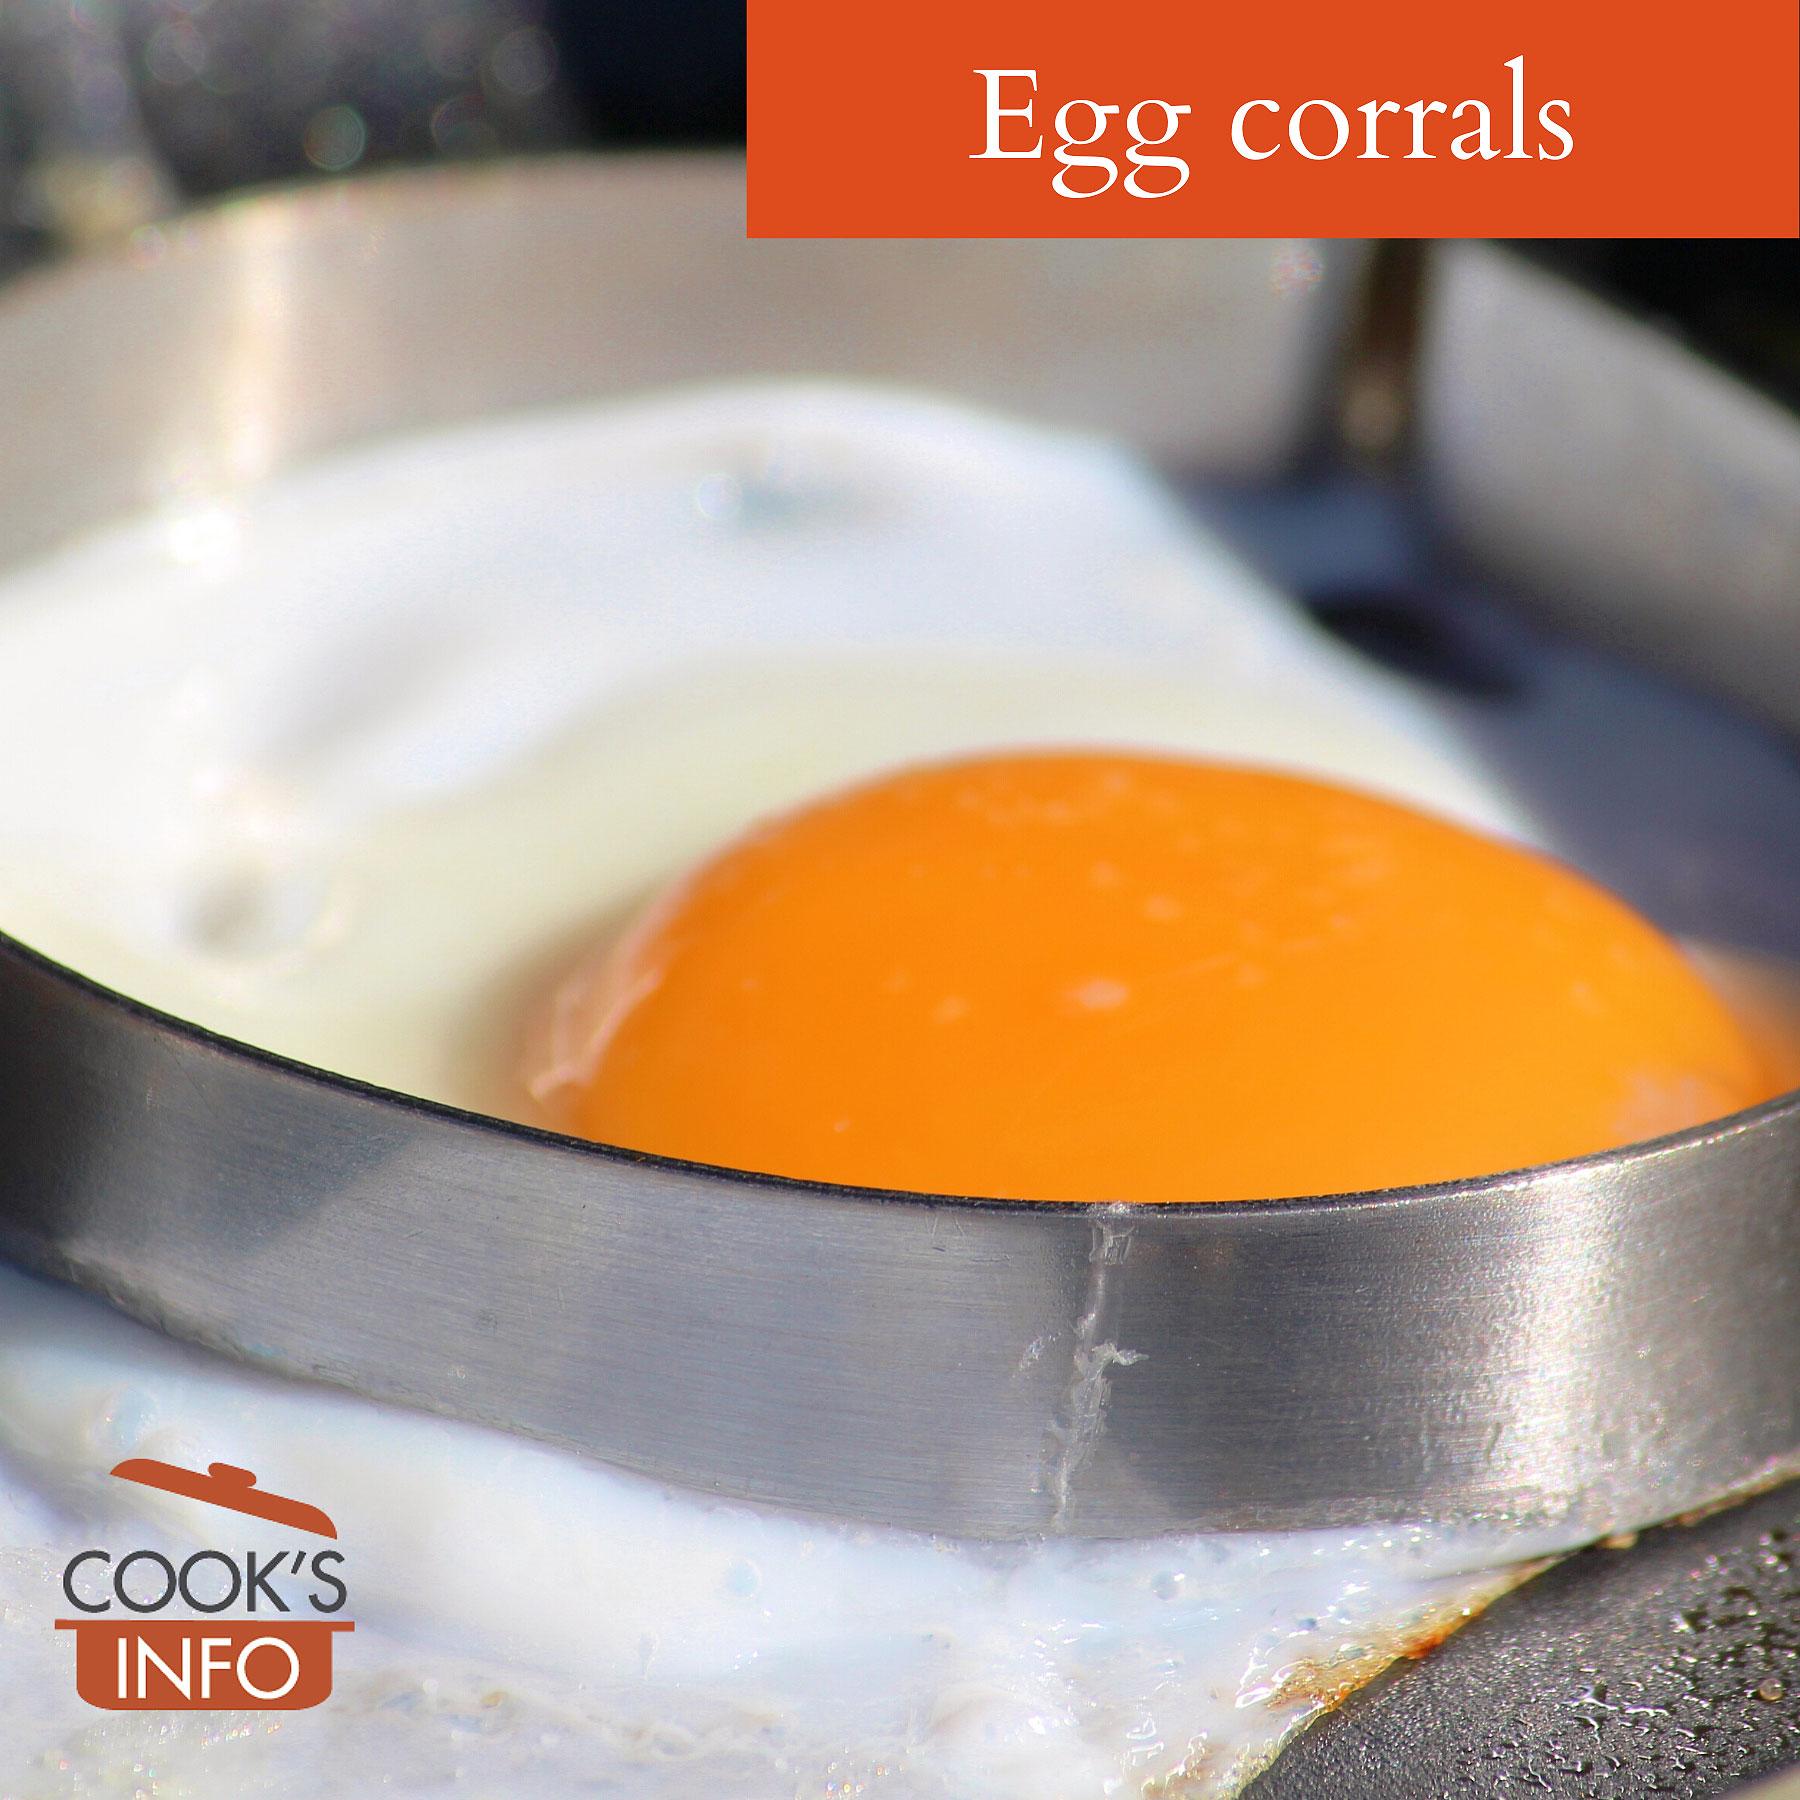 Egg corral